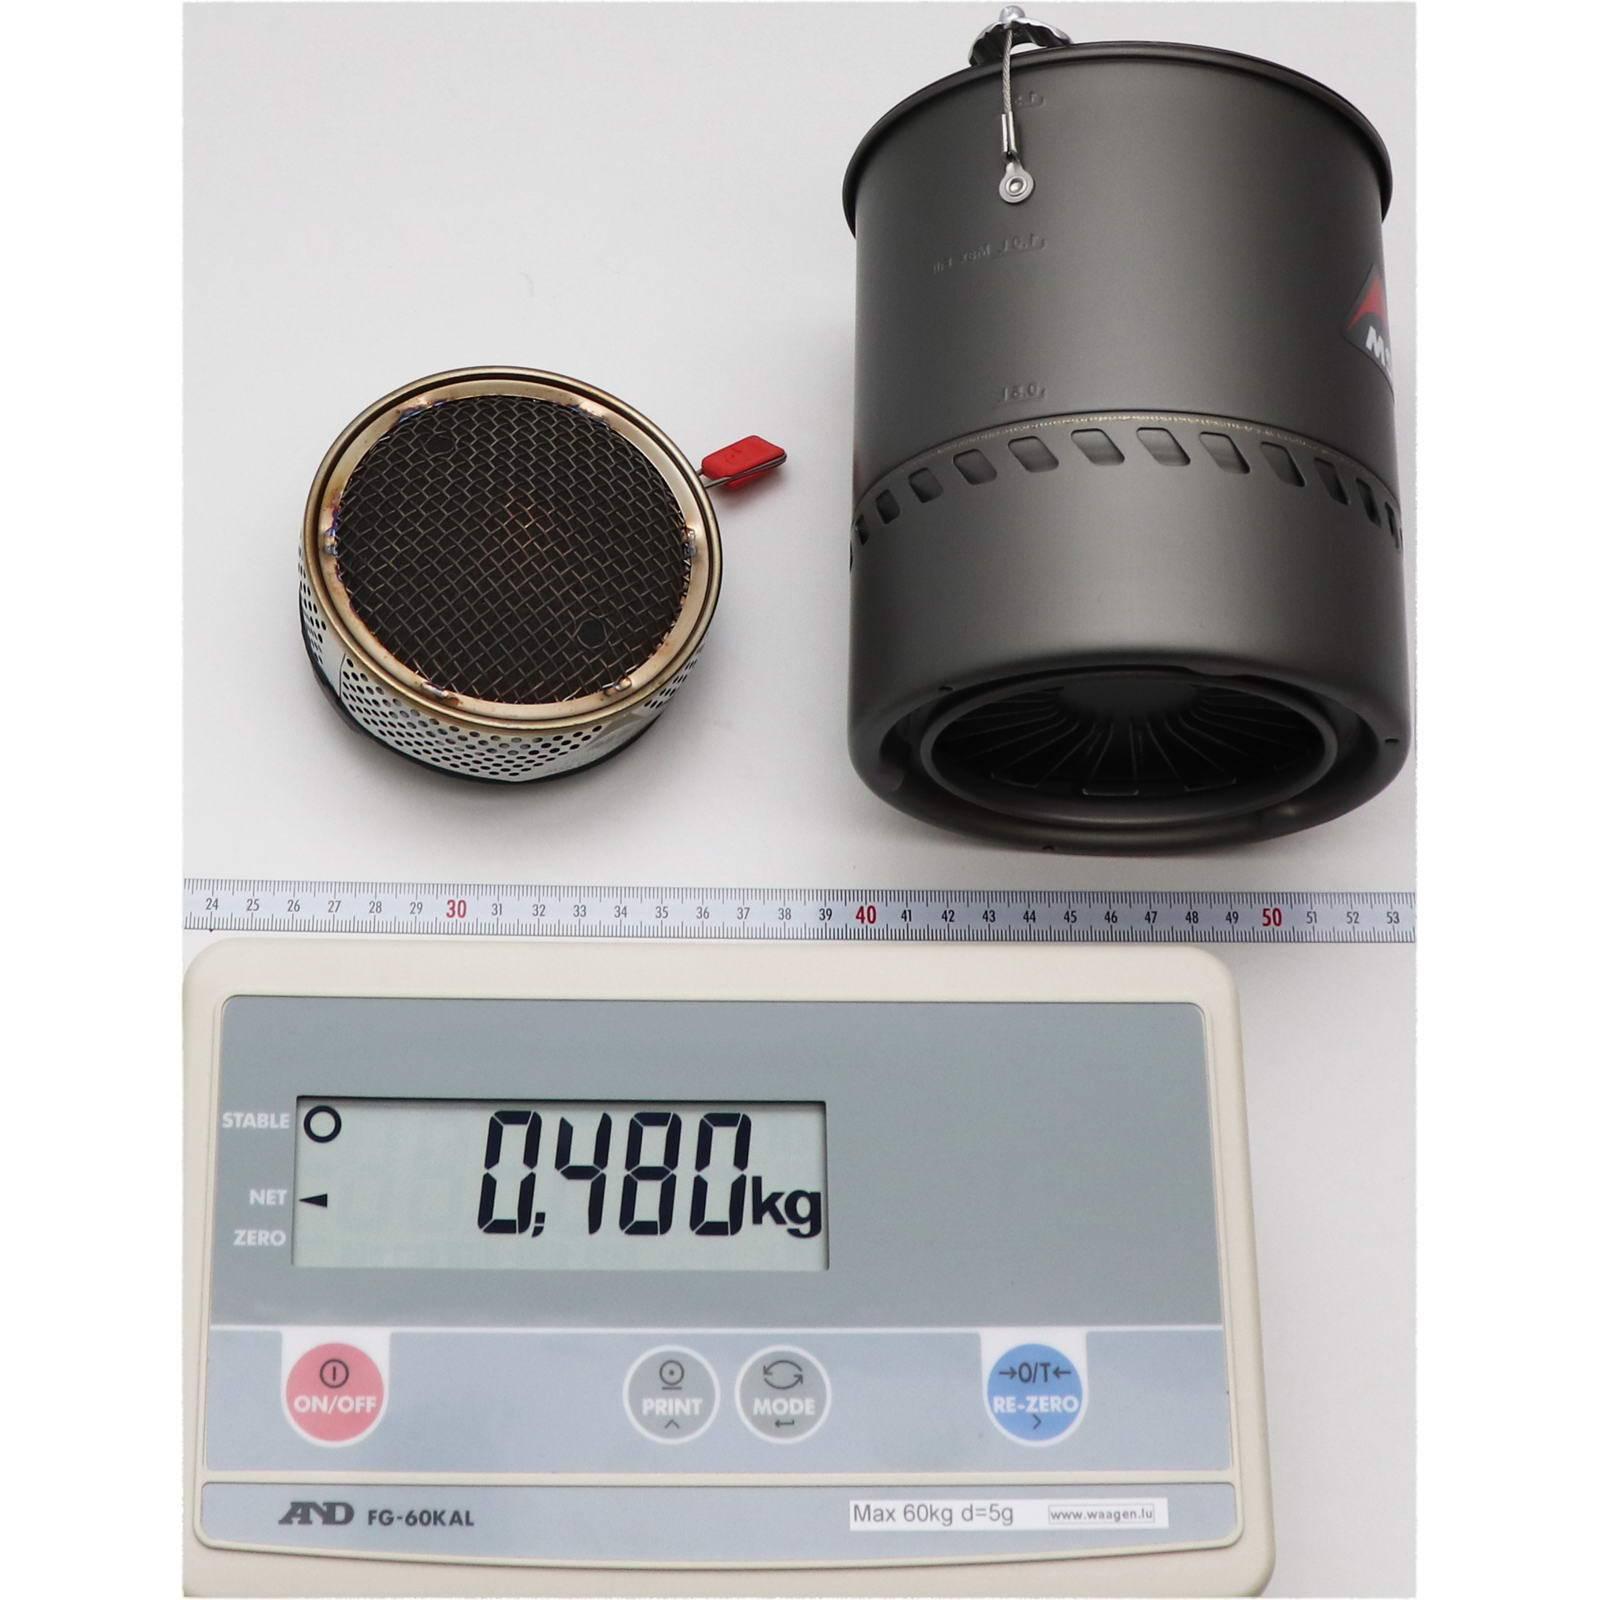 MSR Reactor® 1.7L Stove System - Kochersystem - Bild 5